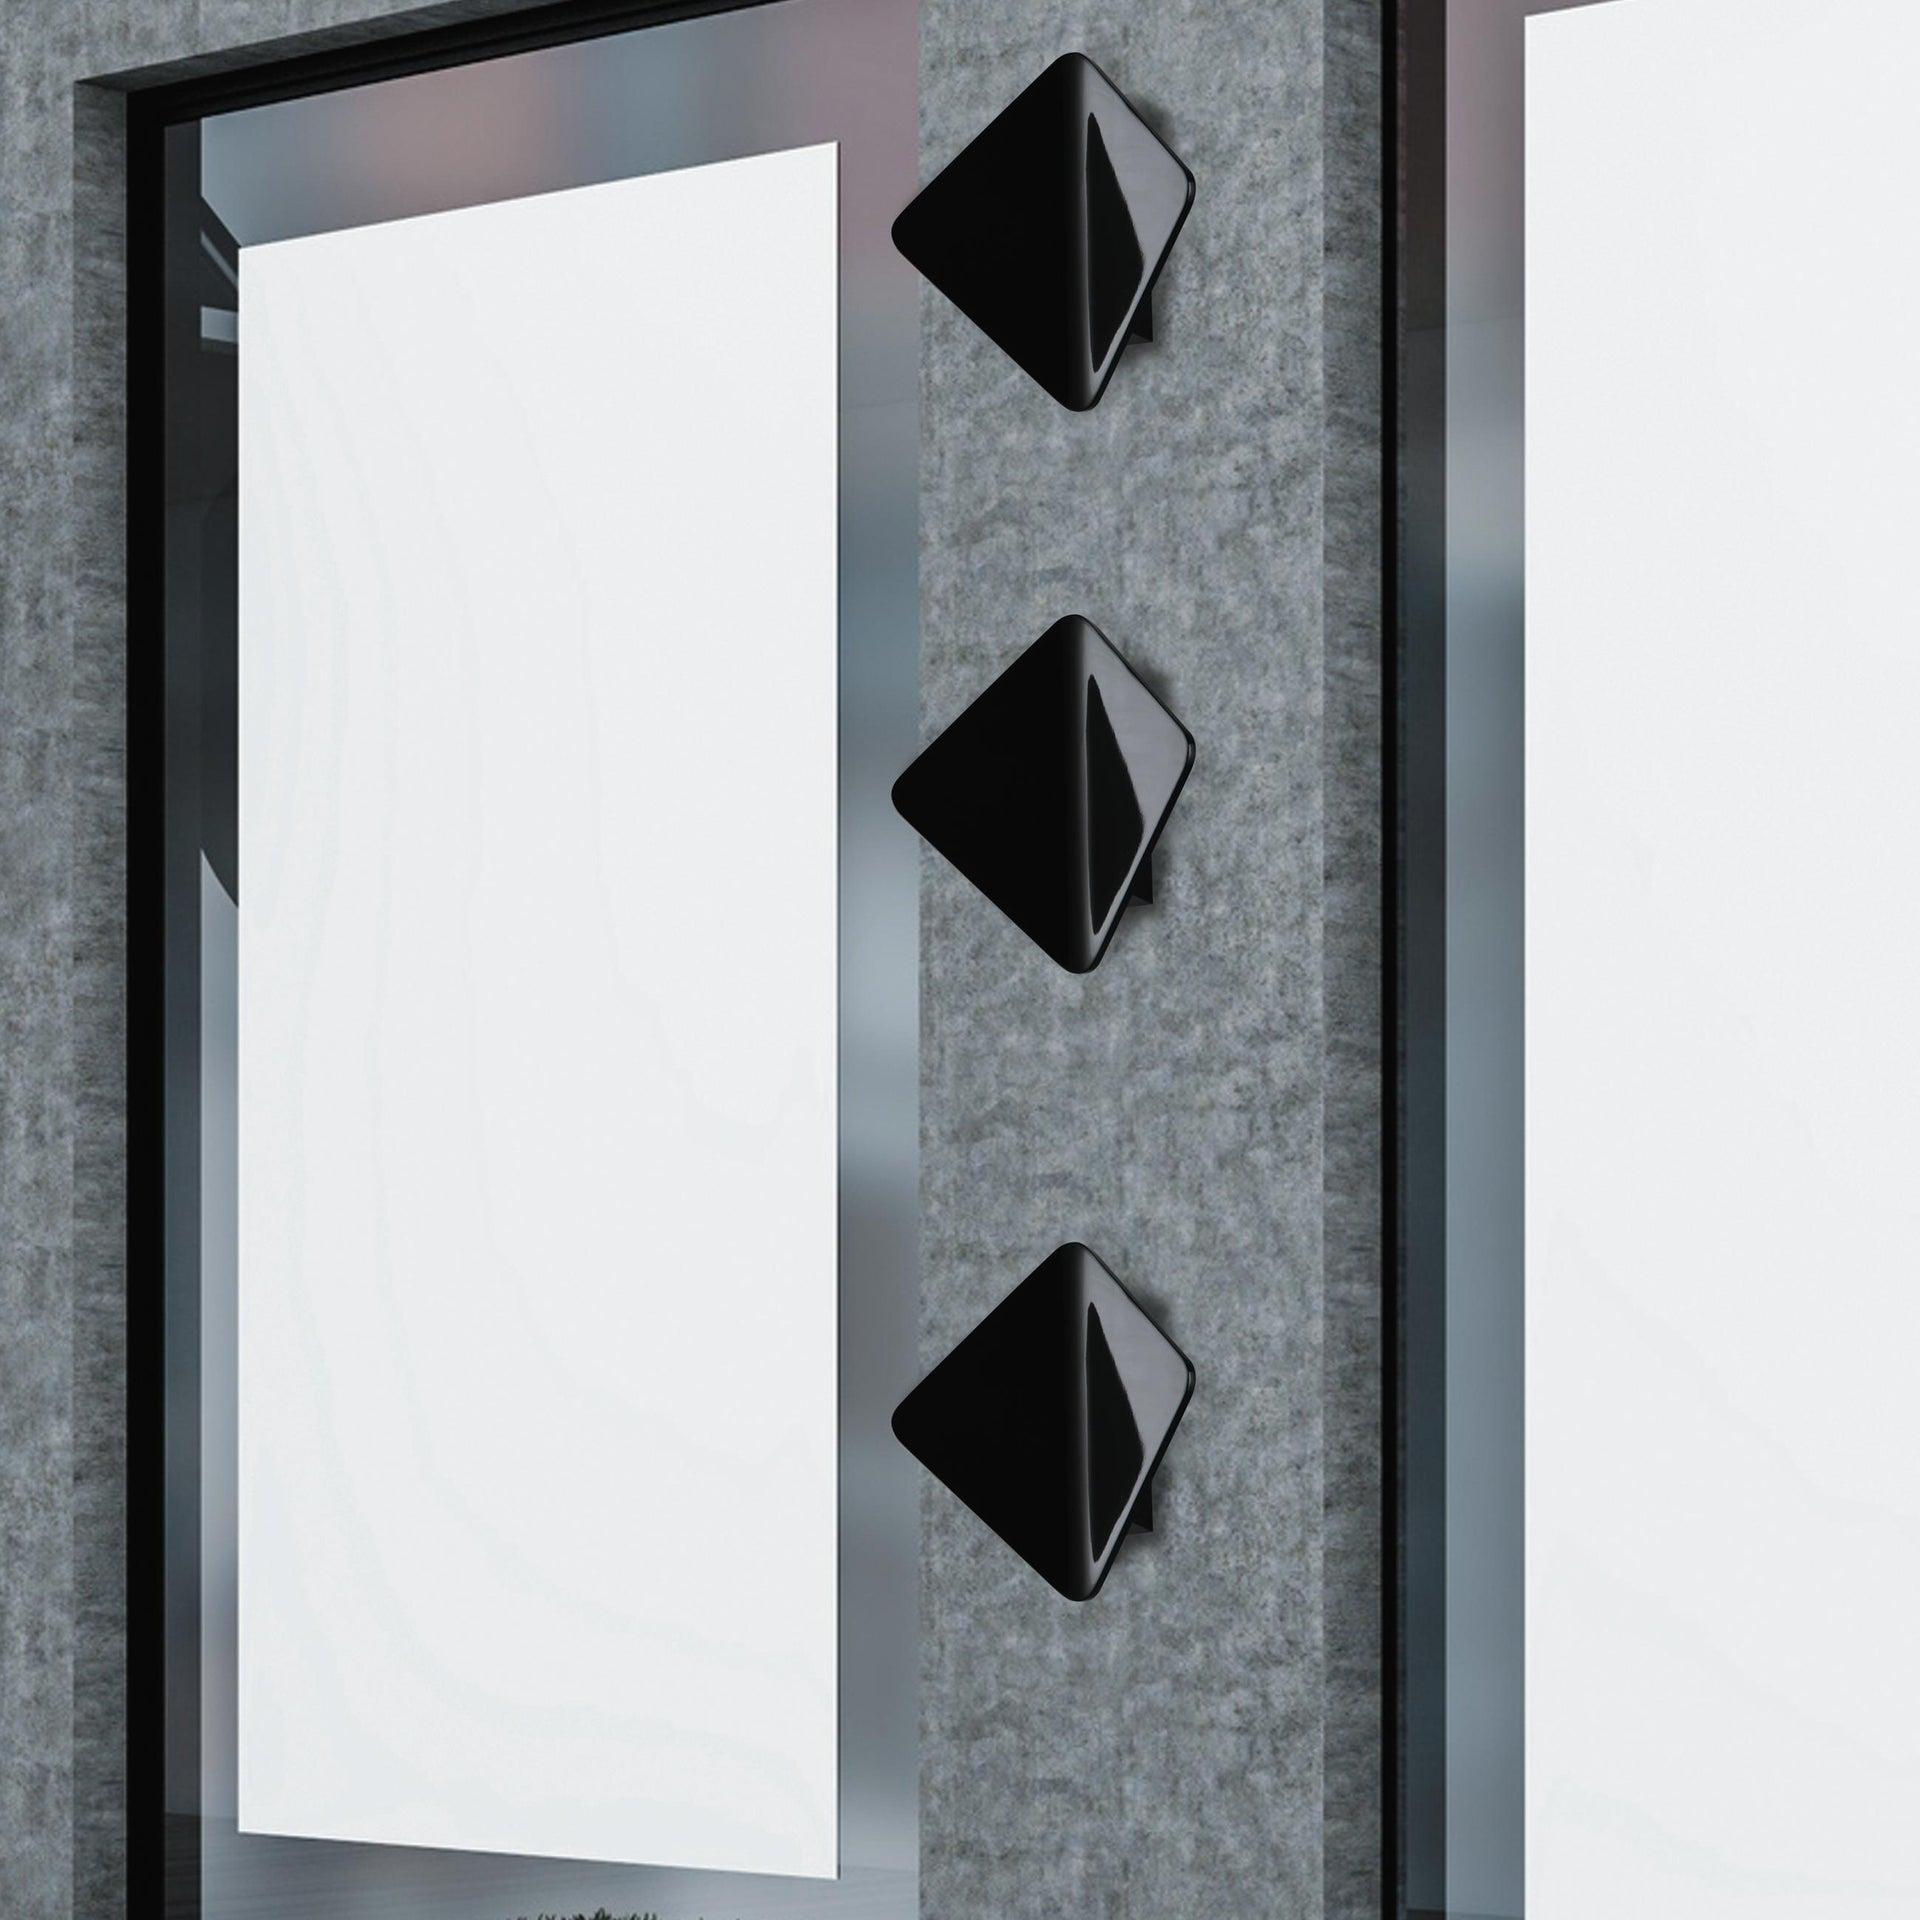 Applique Kite LED integrato in alluminio, nero, 40W 550LM IP54 INTEC - 4